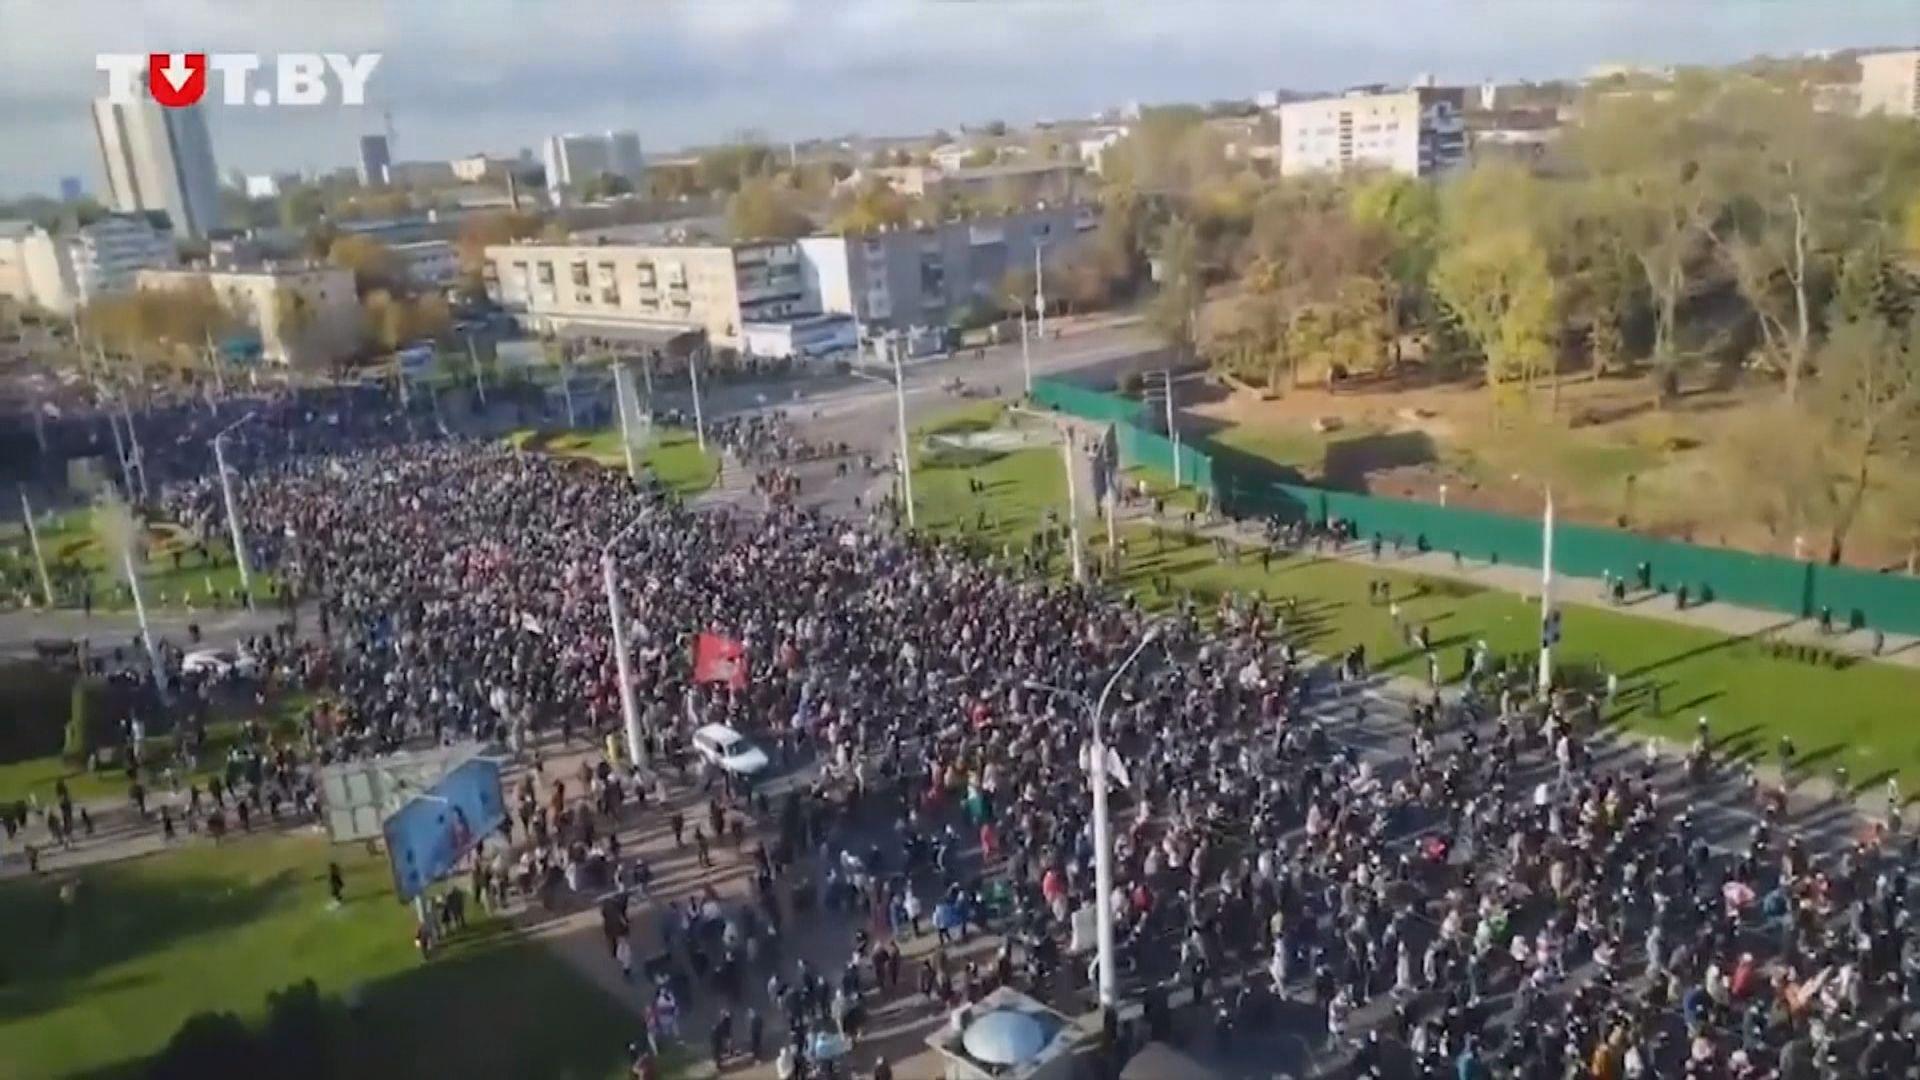 白俄羅斯連續十一個周末有反政府示威